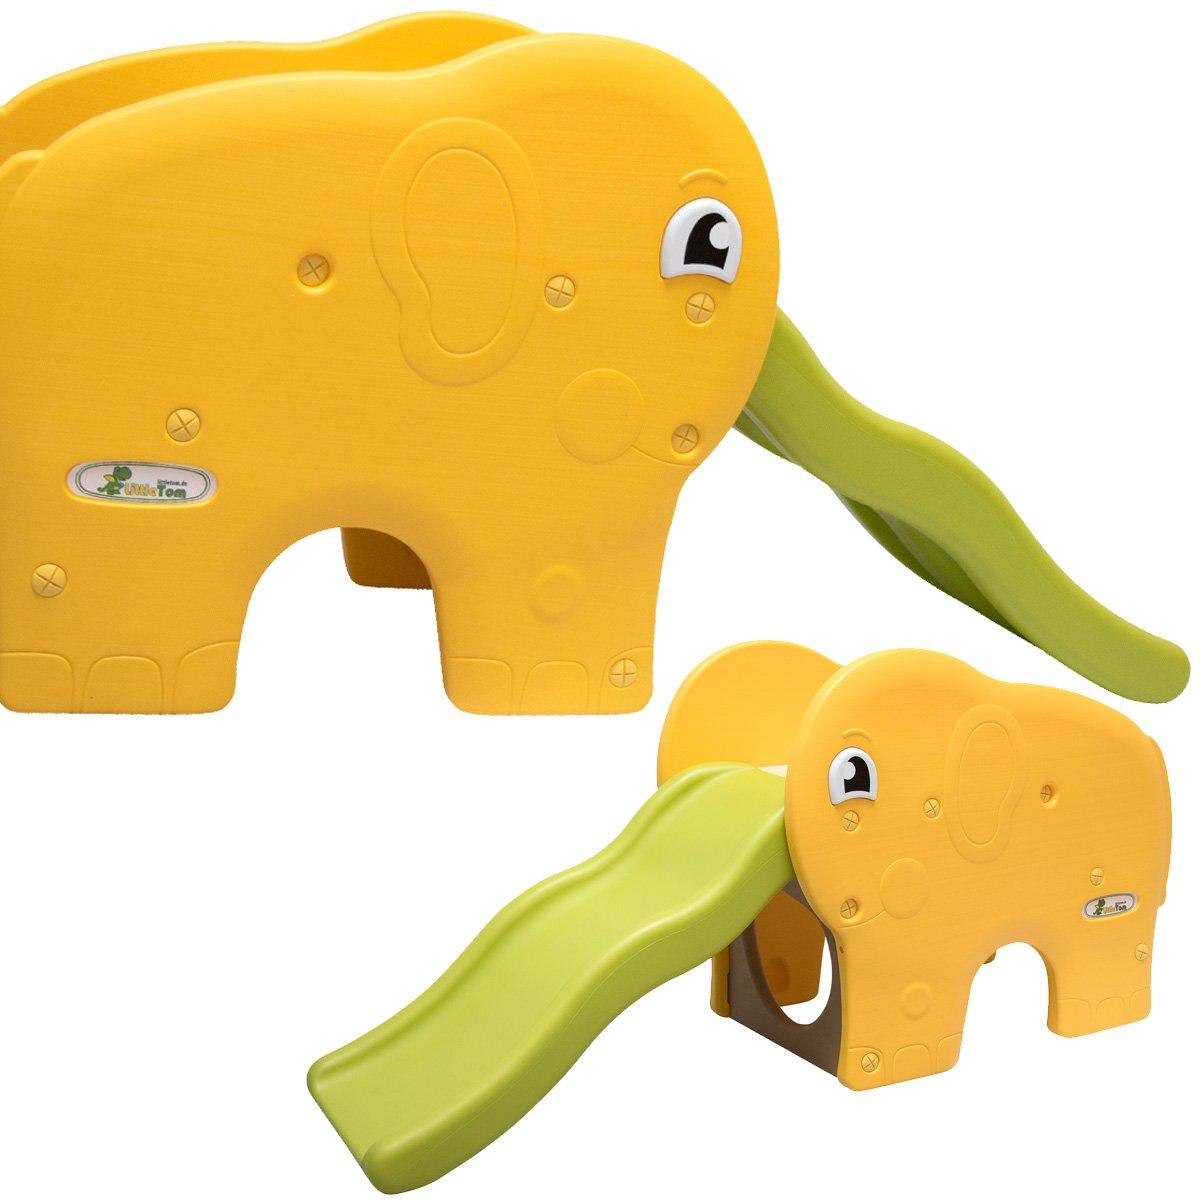 LittleTom Kinderrutsche Elefanten Kinder Rutsche extra breite Stufen Wellenrutsche Gartenrutsche Babyrutsche Gr/ün Gelb